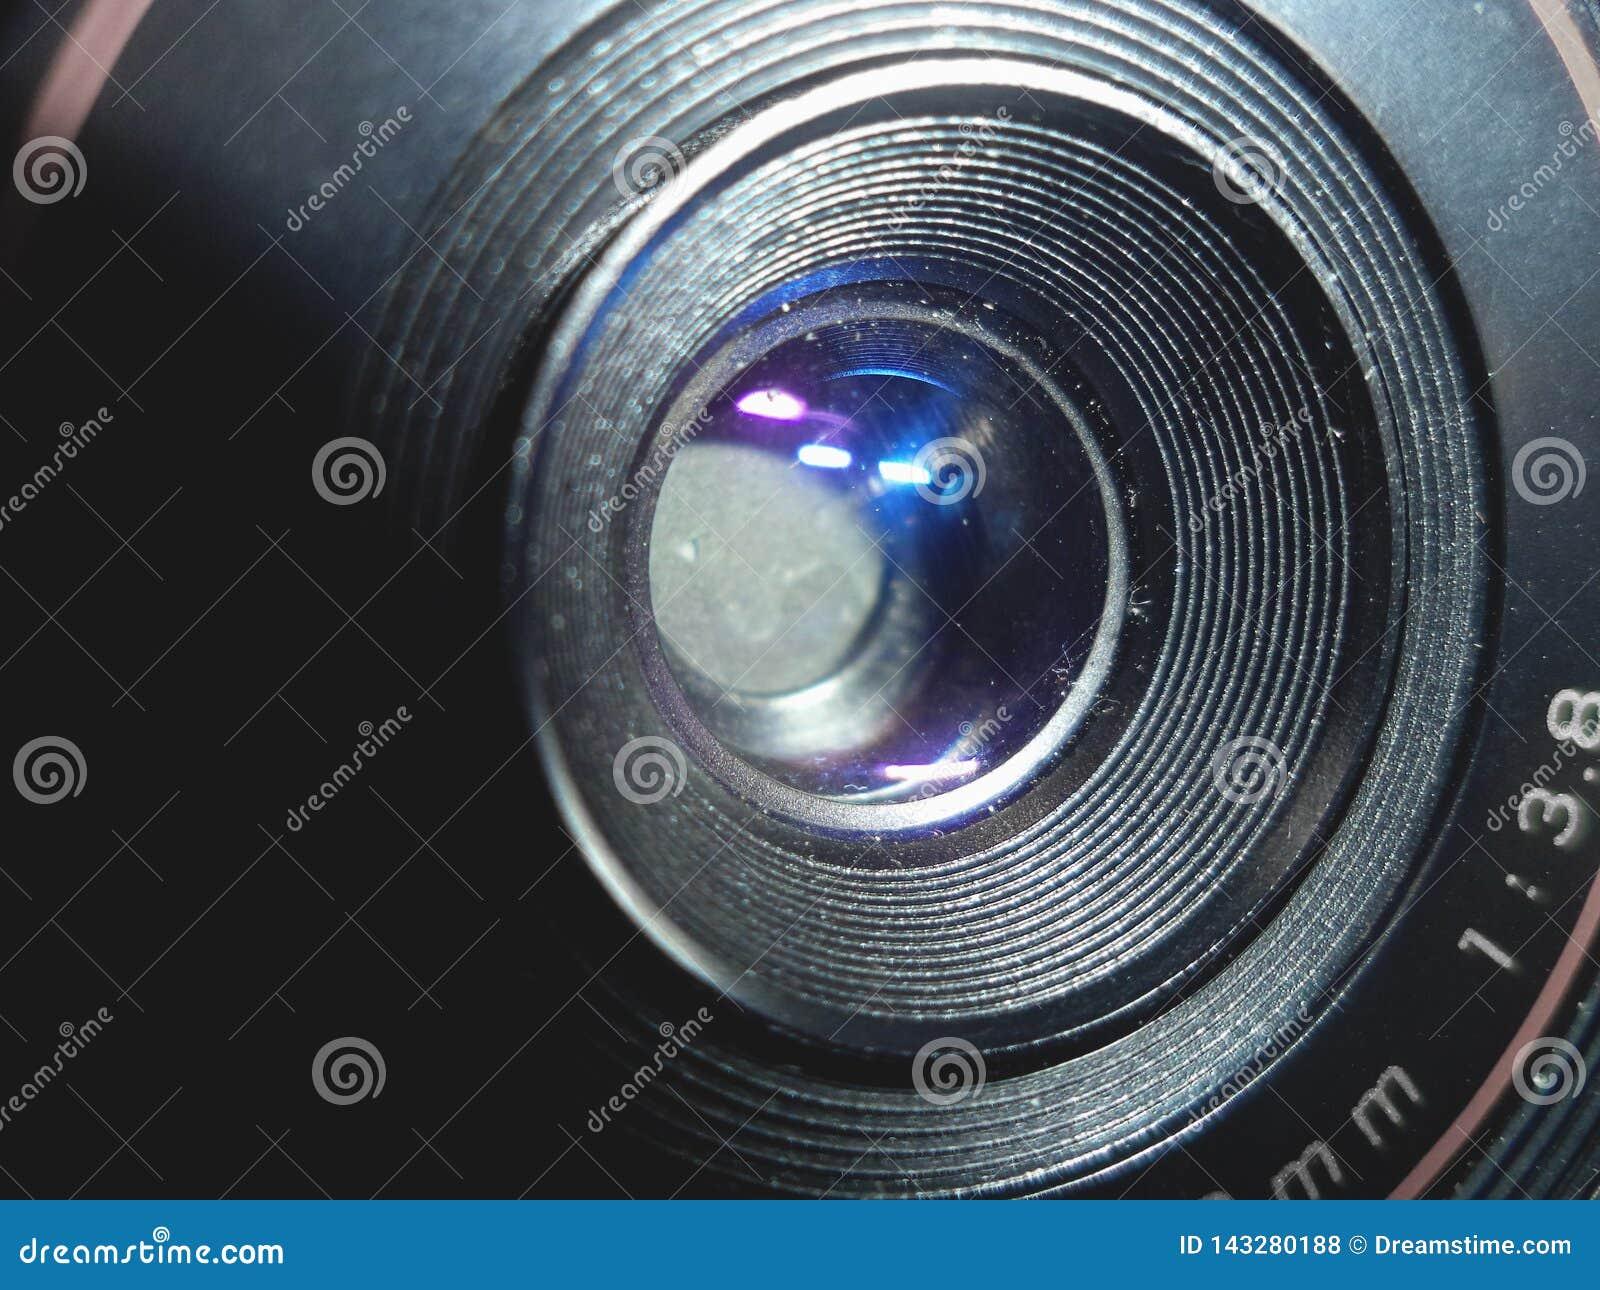 El frente de una lente de cámara vieja